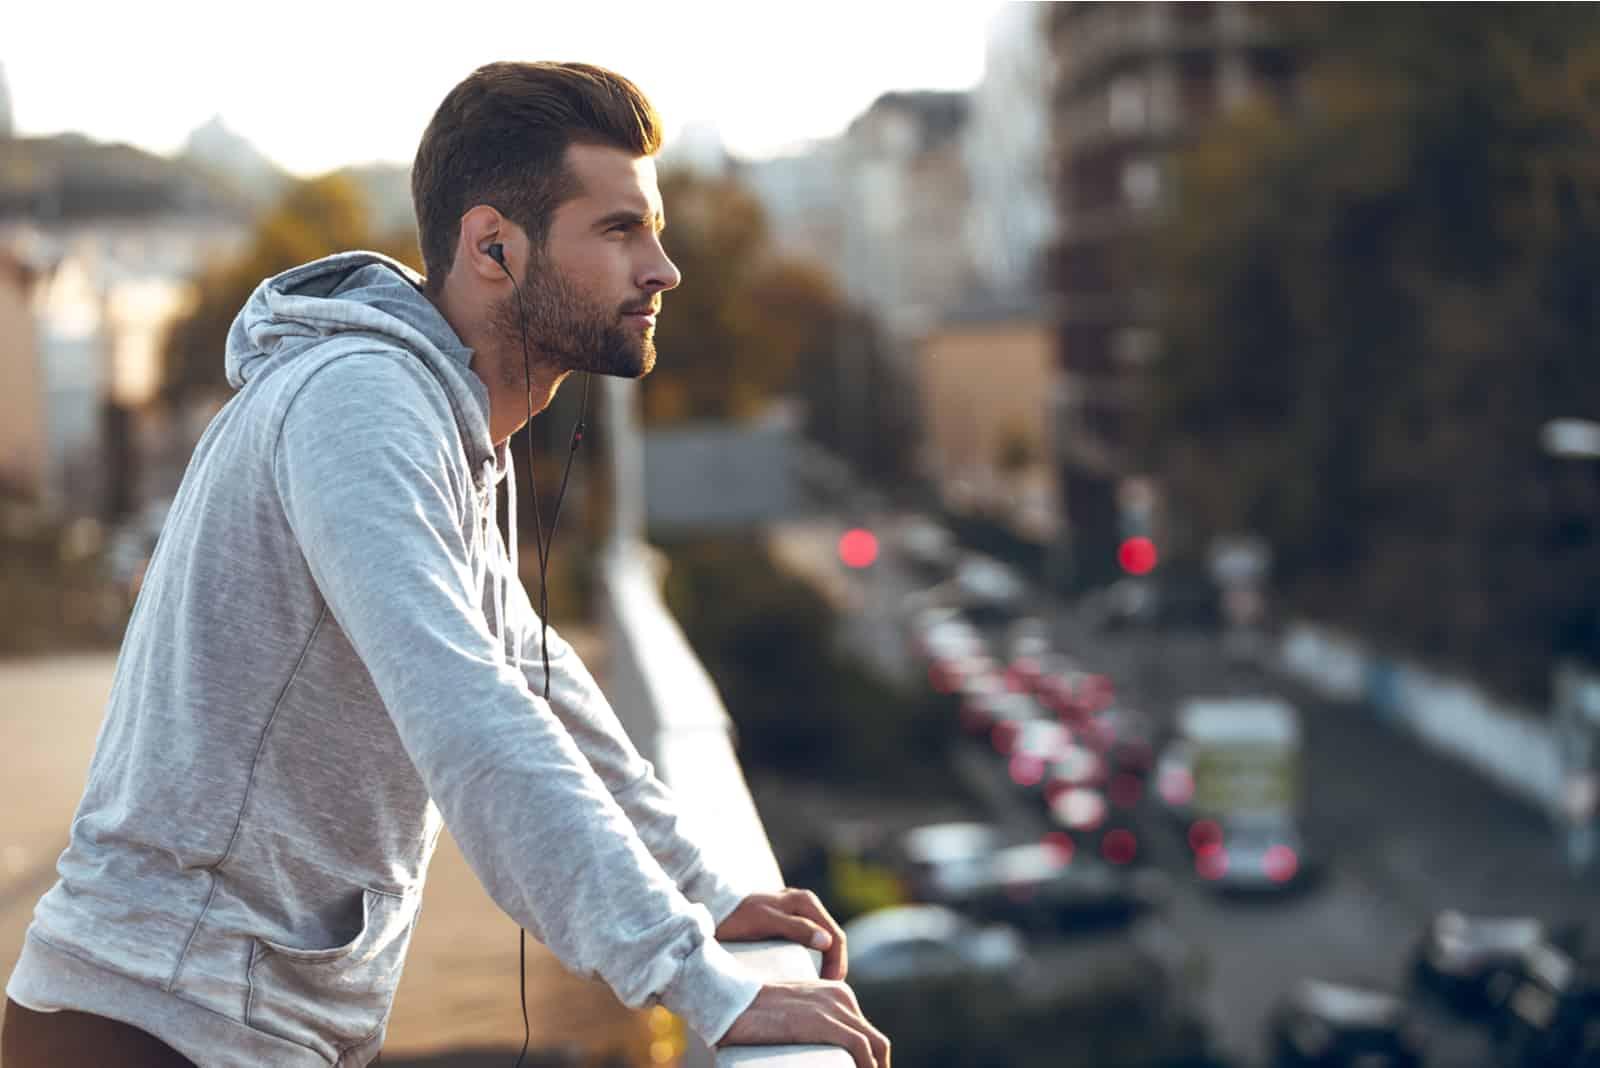 nachdenklicher junger Mann, der Kopfhörer trägt und wegschaut